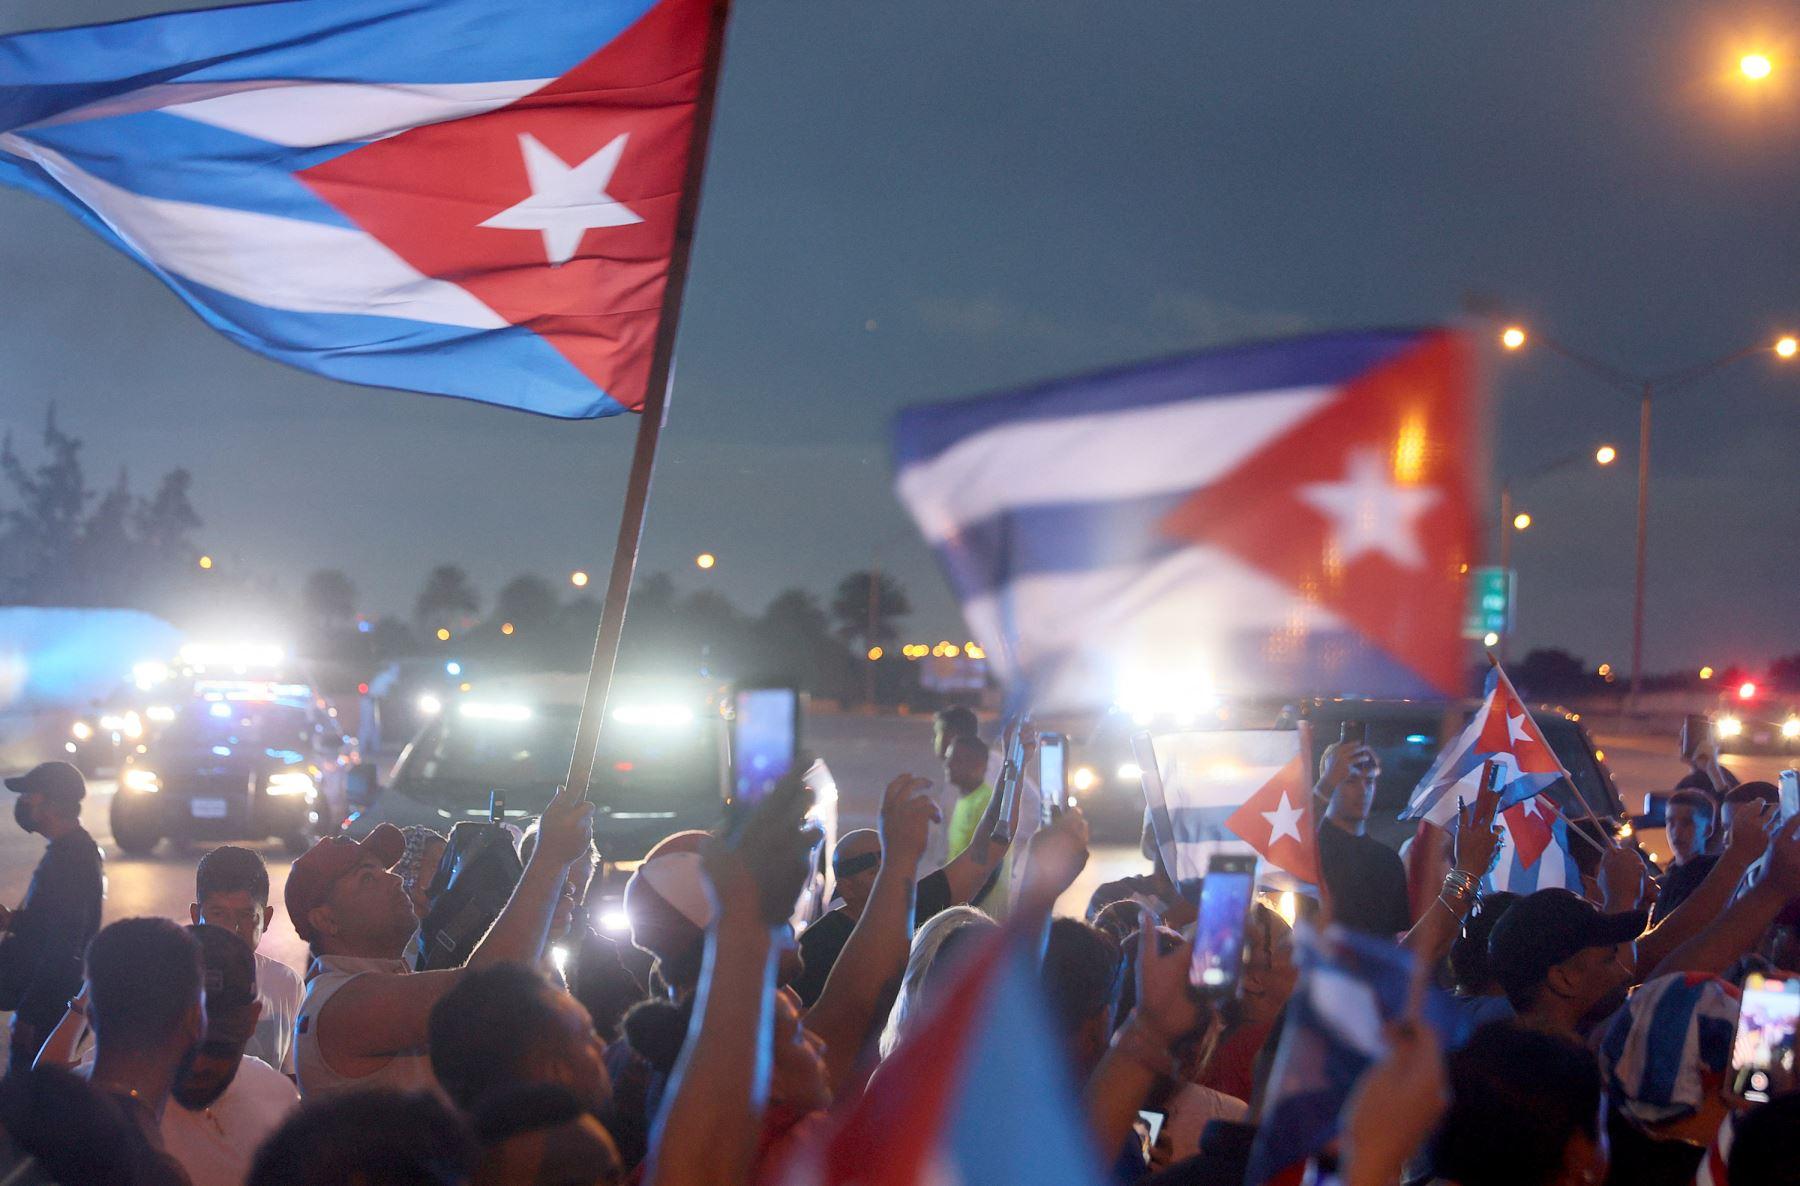 El domingo, miles de cubanos salieron a las calles de todo el país para protestar por las restricciones pandémicas, el ritmo de las vacunas Covid-19 y el gobierno cubano. Foto: AFP